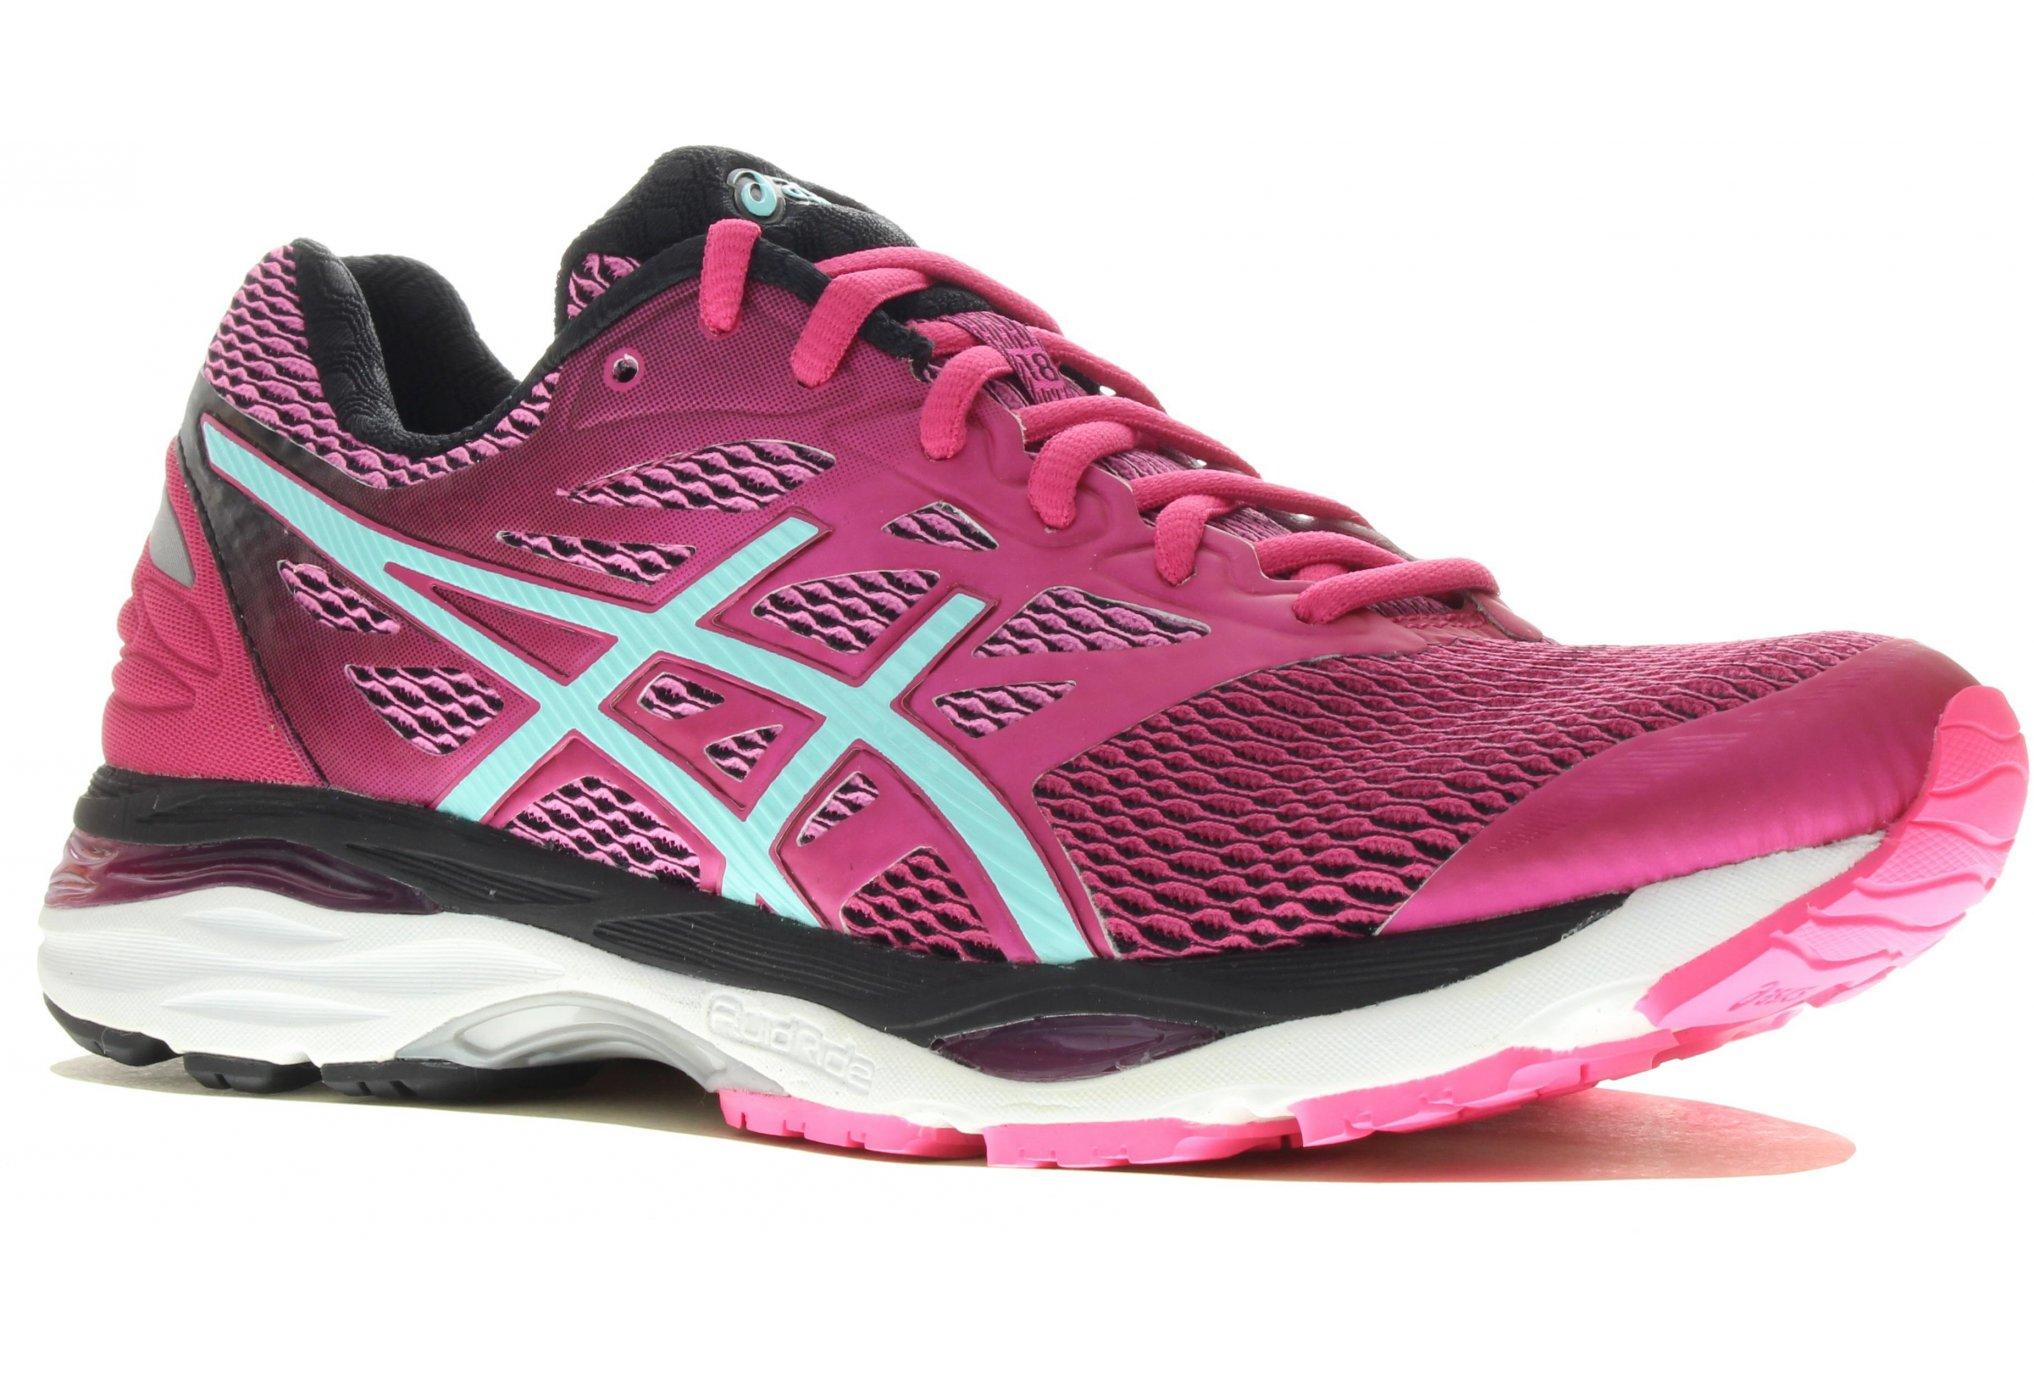 Asics Gel-Cumulus 18 w diététique chaussures femme